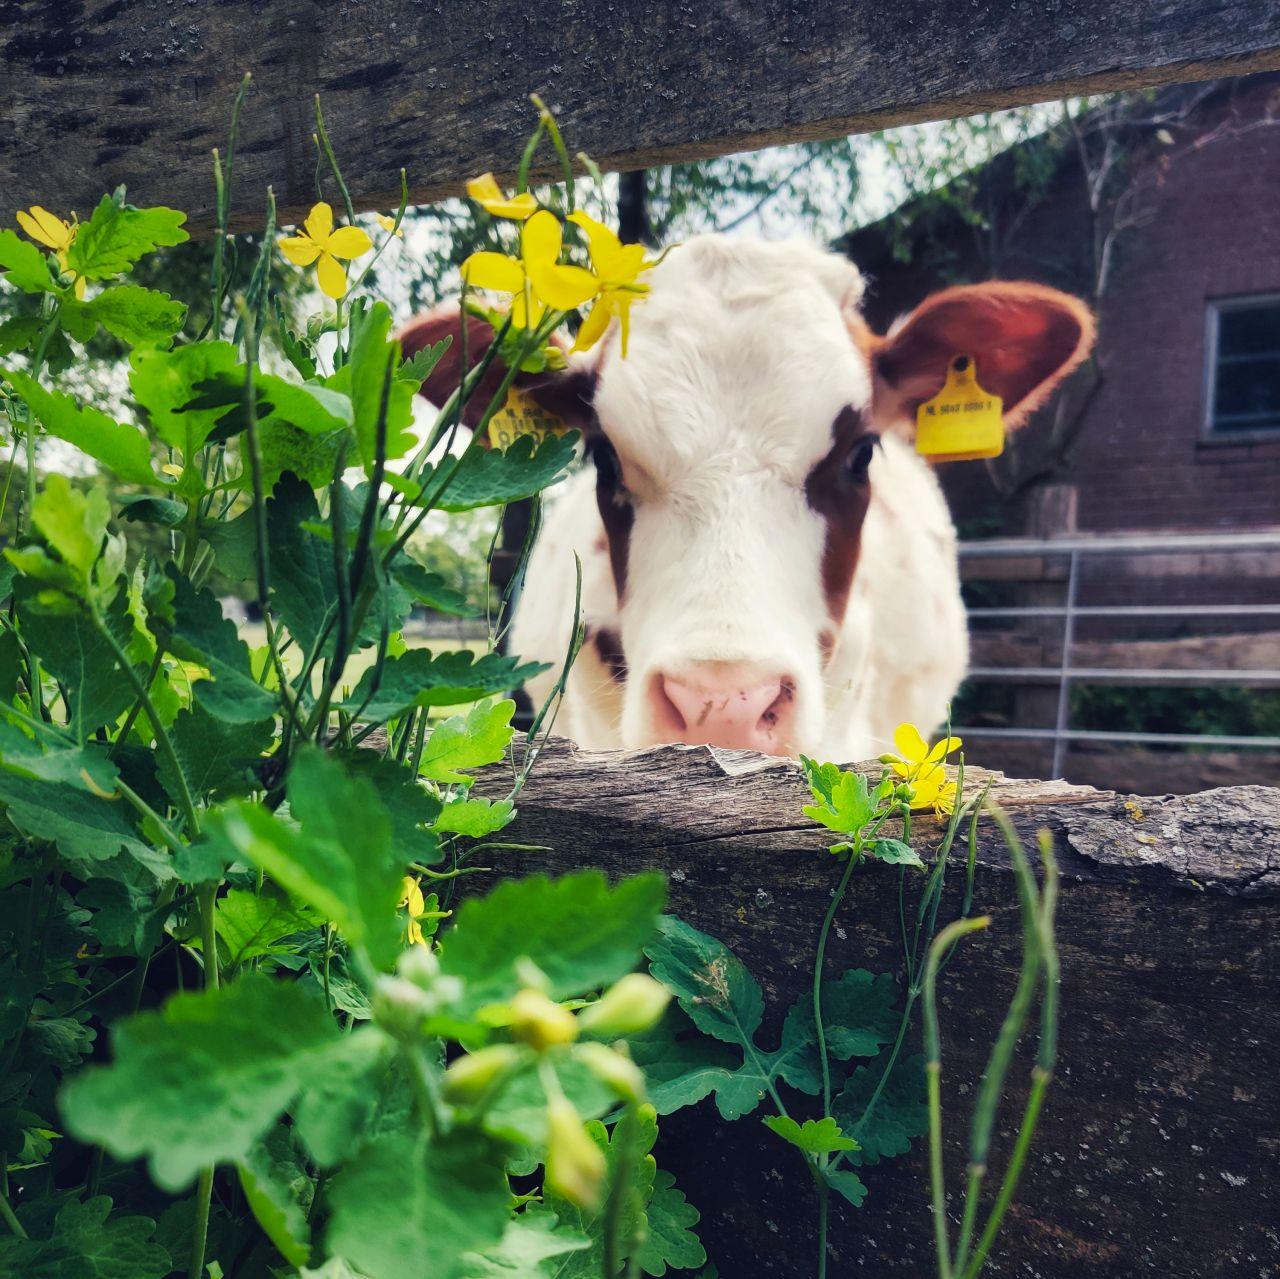 De Kleine Wildenberg Deventer koe